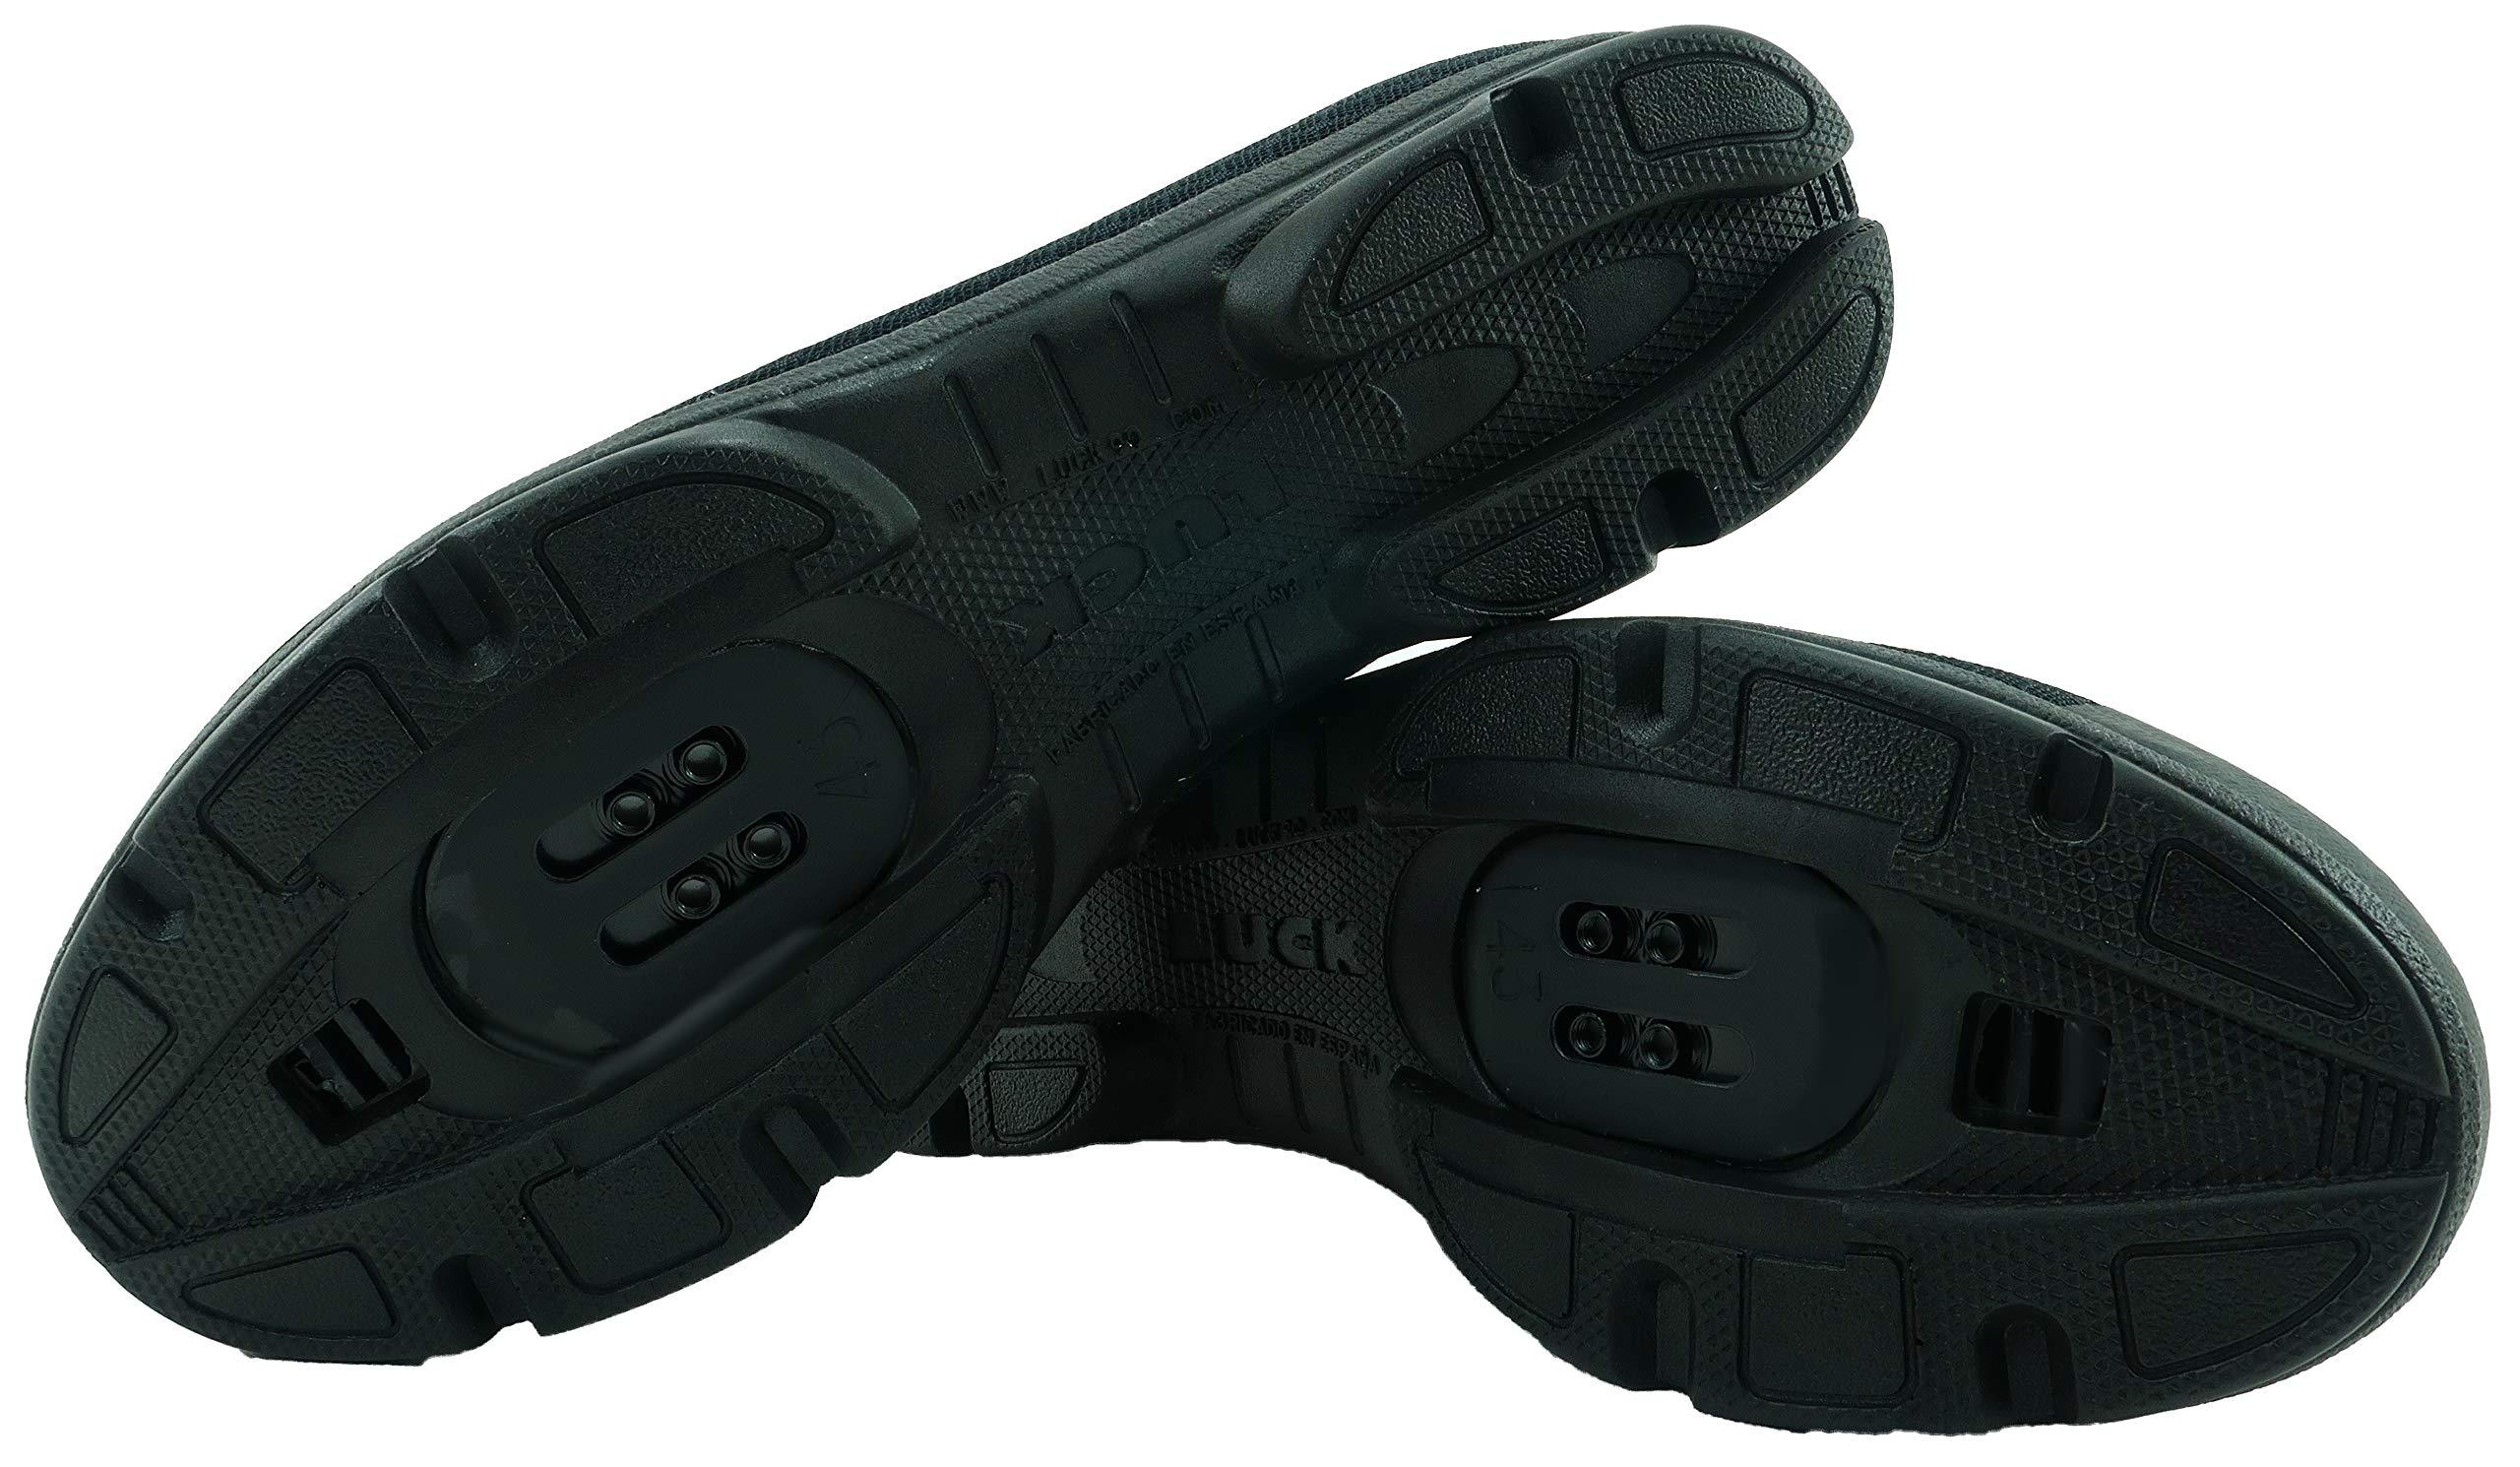 LUCK Zapatillas de Ciclismo Jupiter, Ideal para la práctica de Distintas disciplinas Gracias a su Suela de EVA, construida en una Sola Pieza de Micro Fibras súper Transpirables. (42 EU, Negro): Amazon.es: